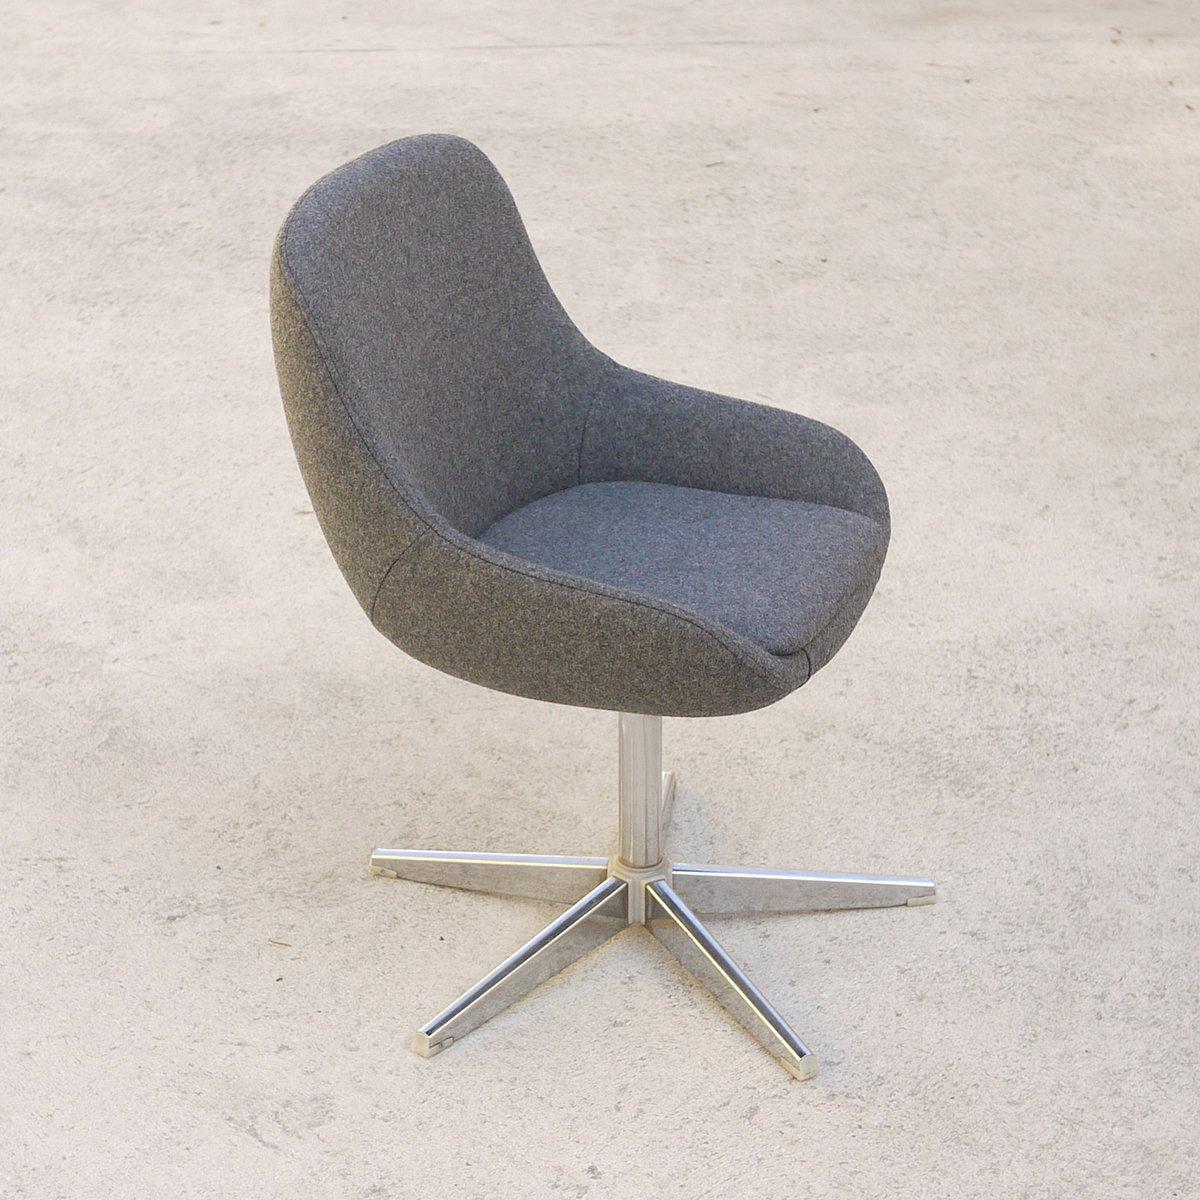 chaise de bureau grise 1970s en vente sur pamono. Black Bedroom Furniture Sets. Home Design Ideas